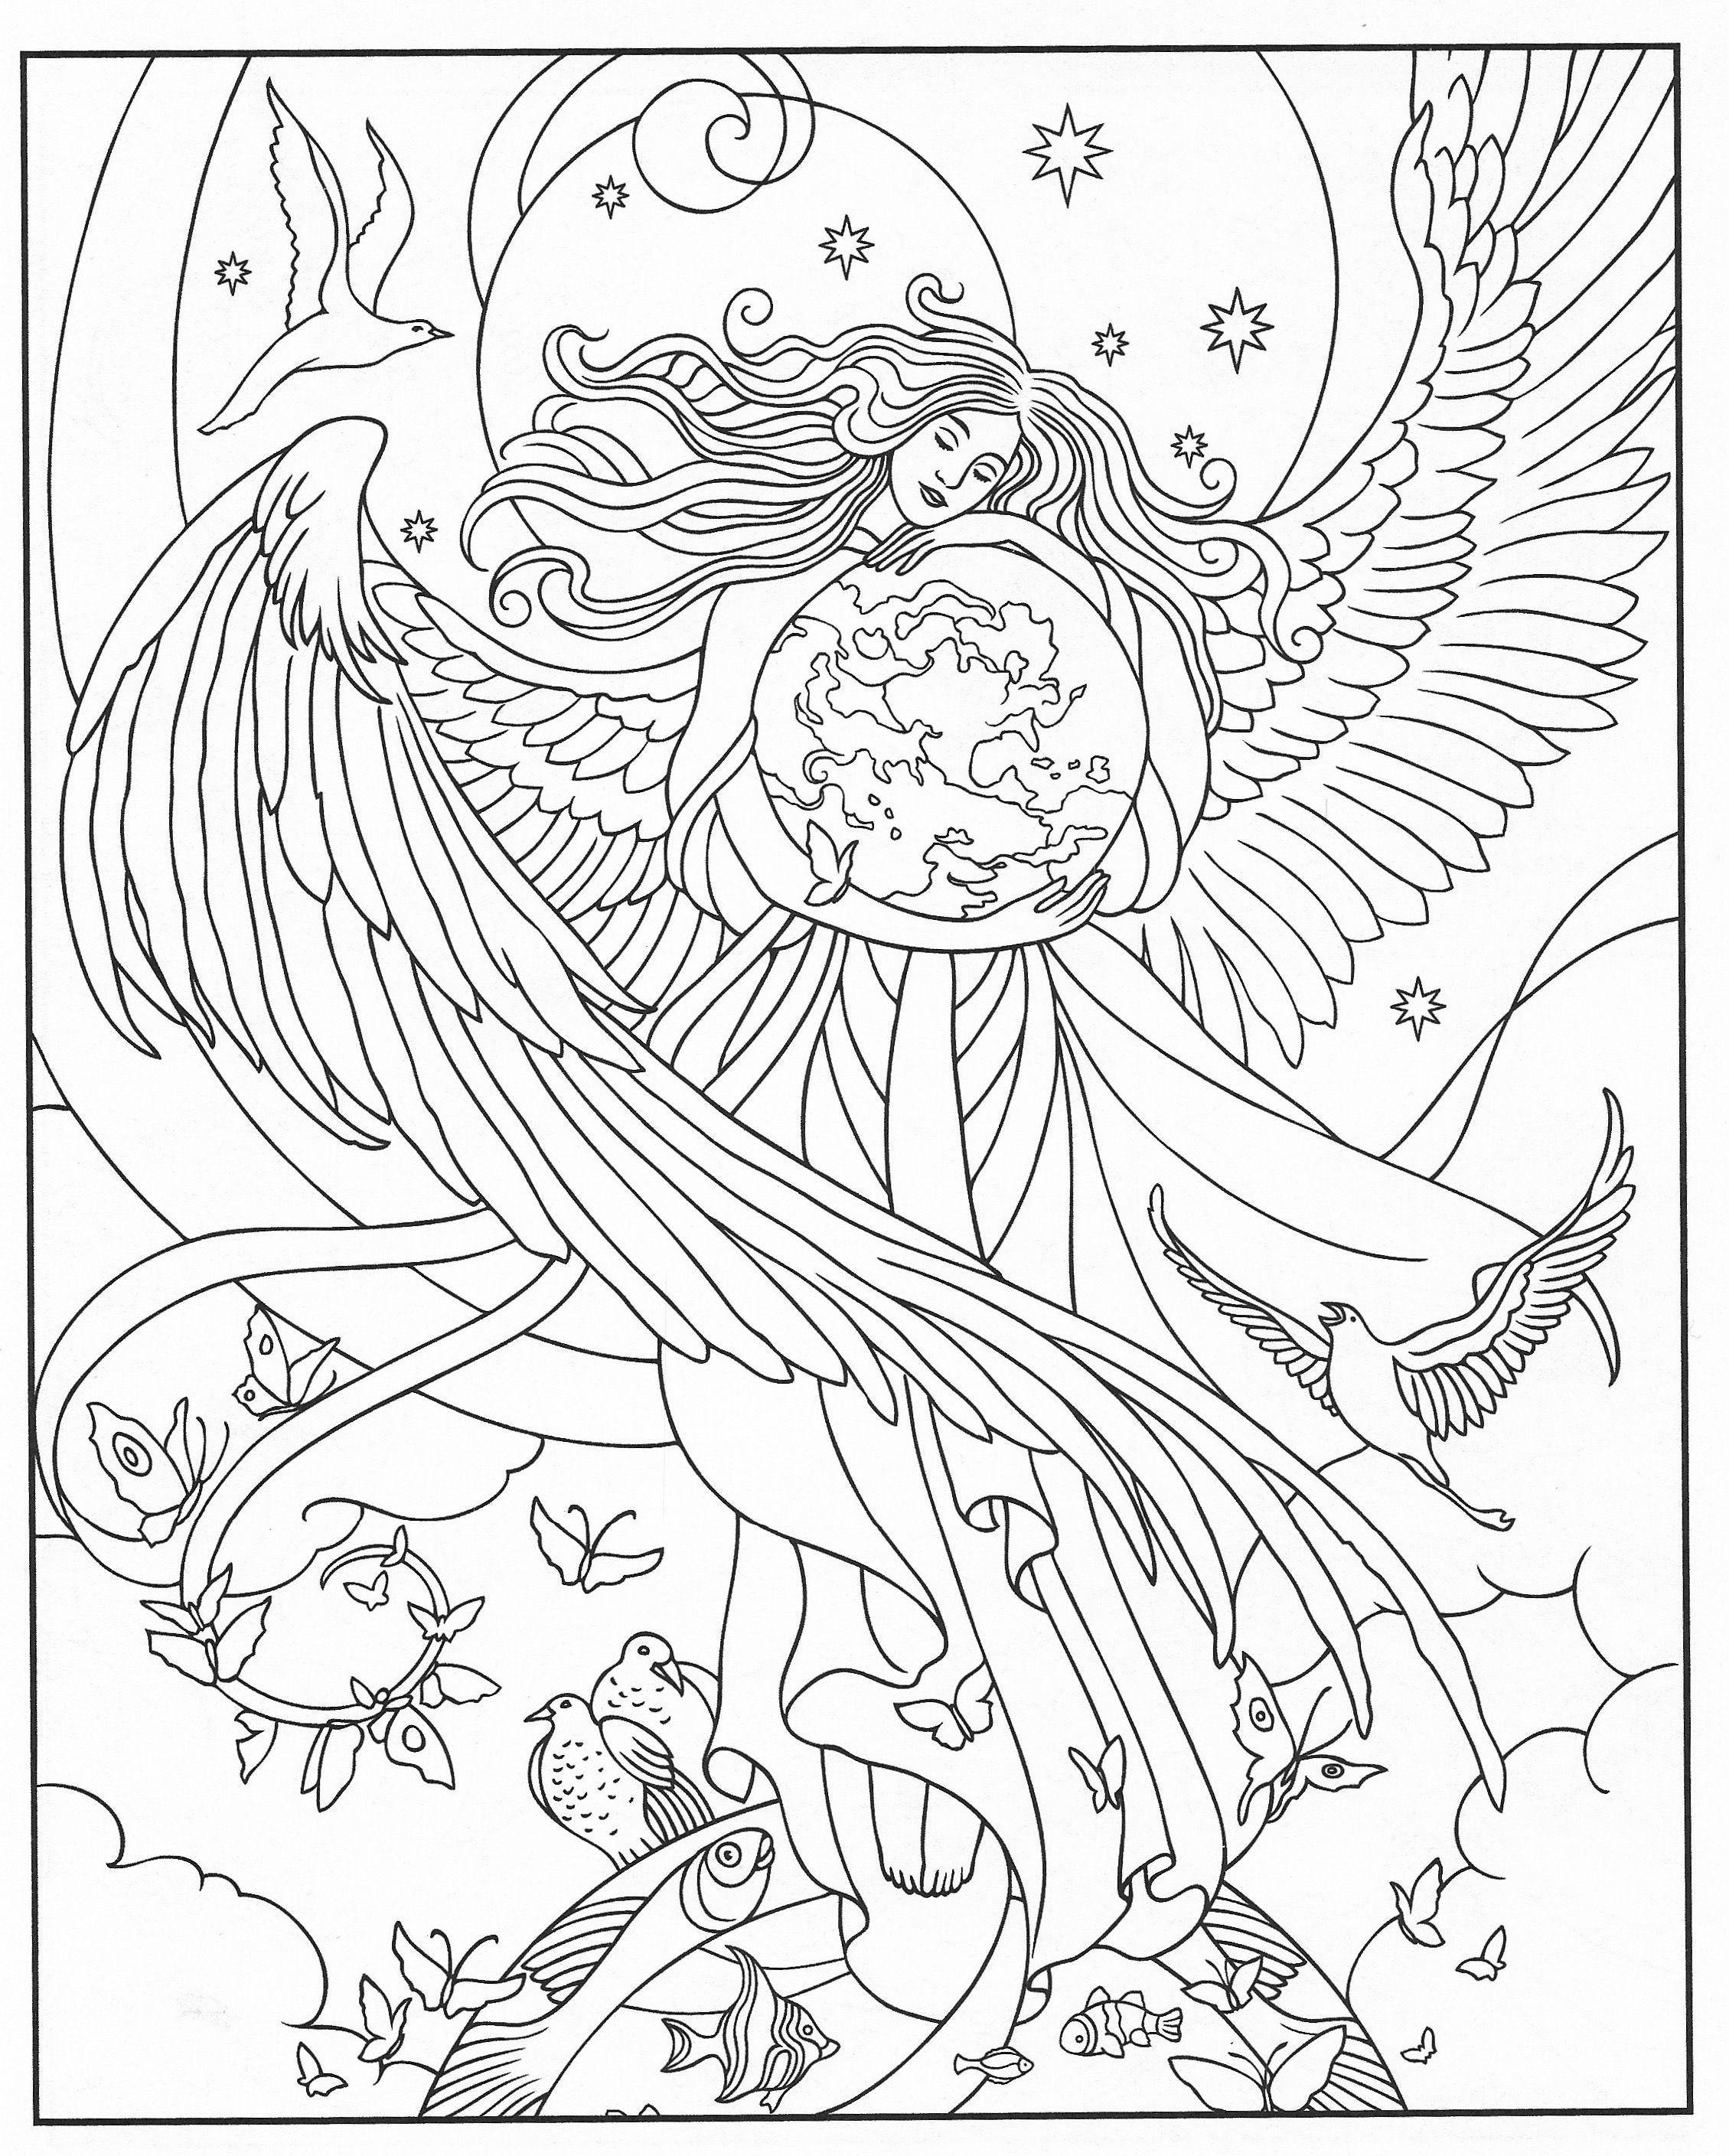 Pin de Val Wilson en Coloring pages | Pinterest | Brujas, Negro y Blanco